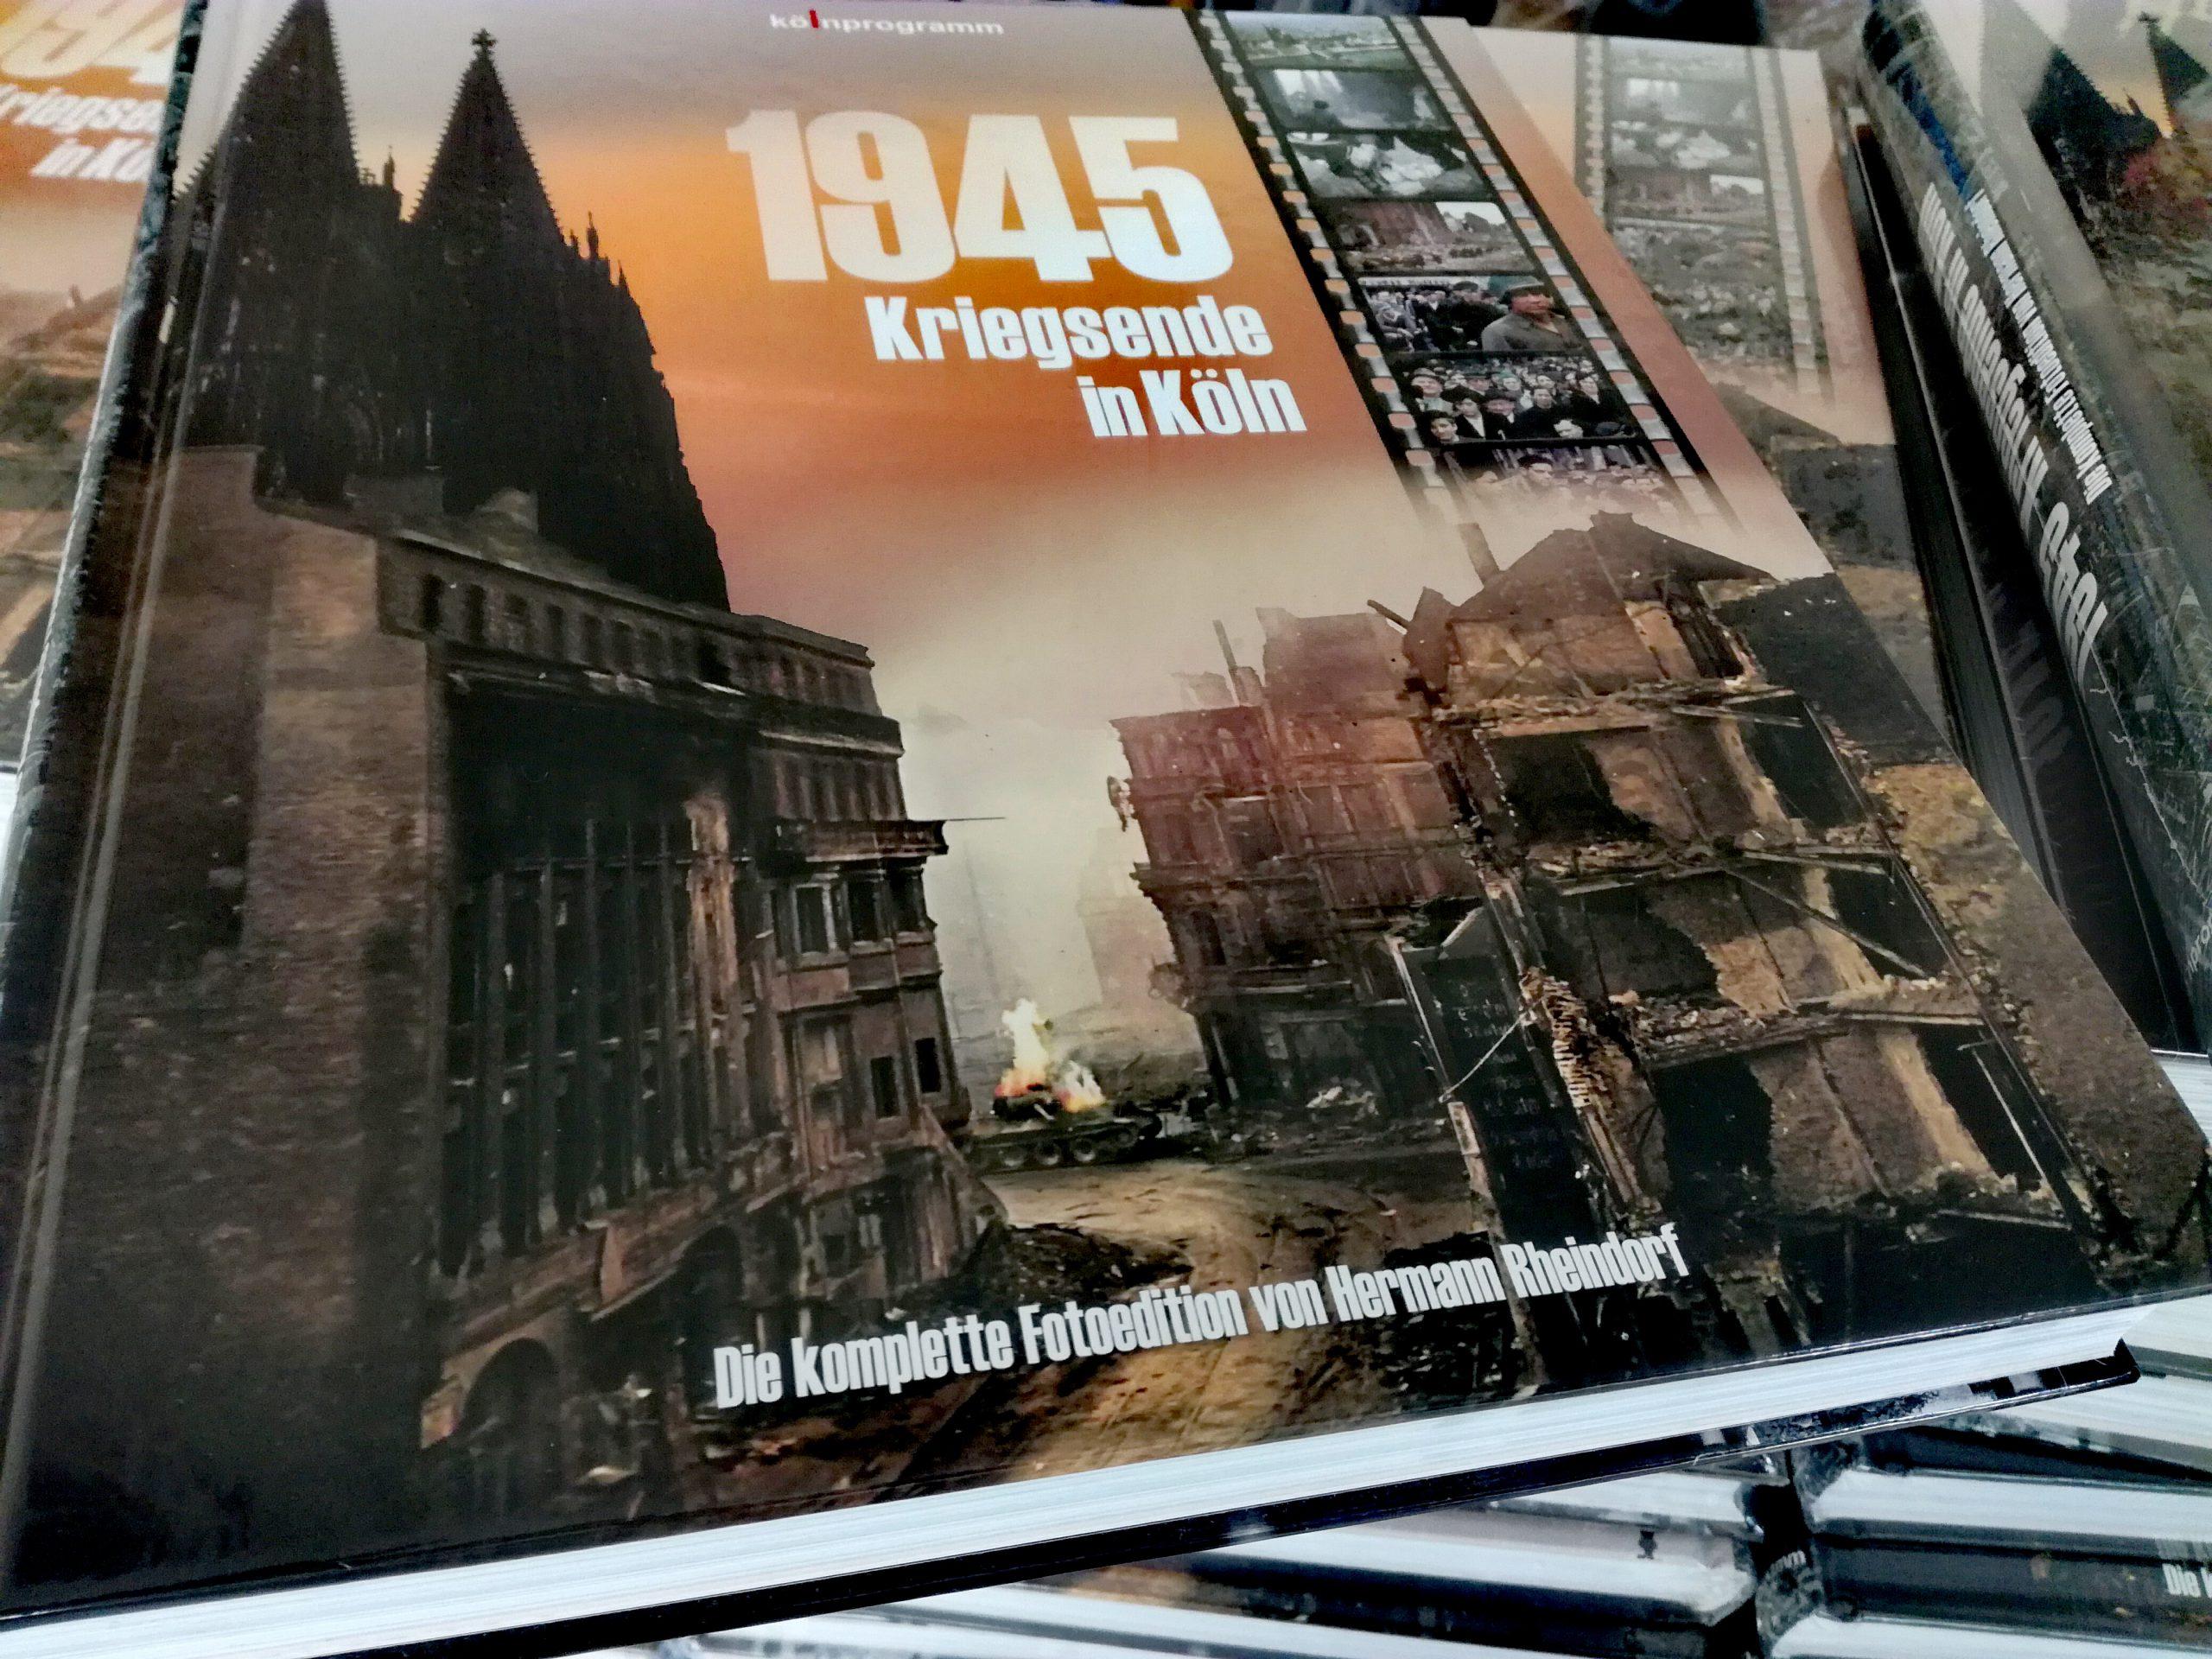 Neuerscheinung 2. Auflage Buch 1945 Kriegsende in Köln